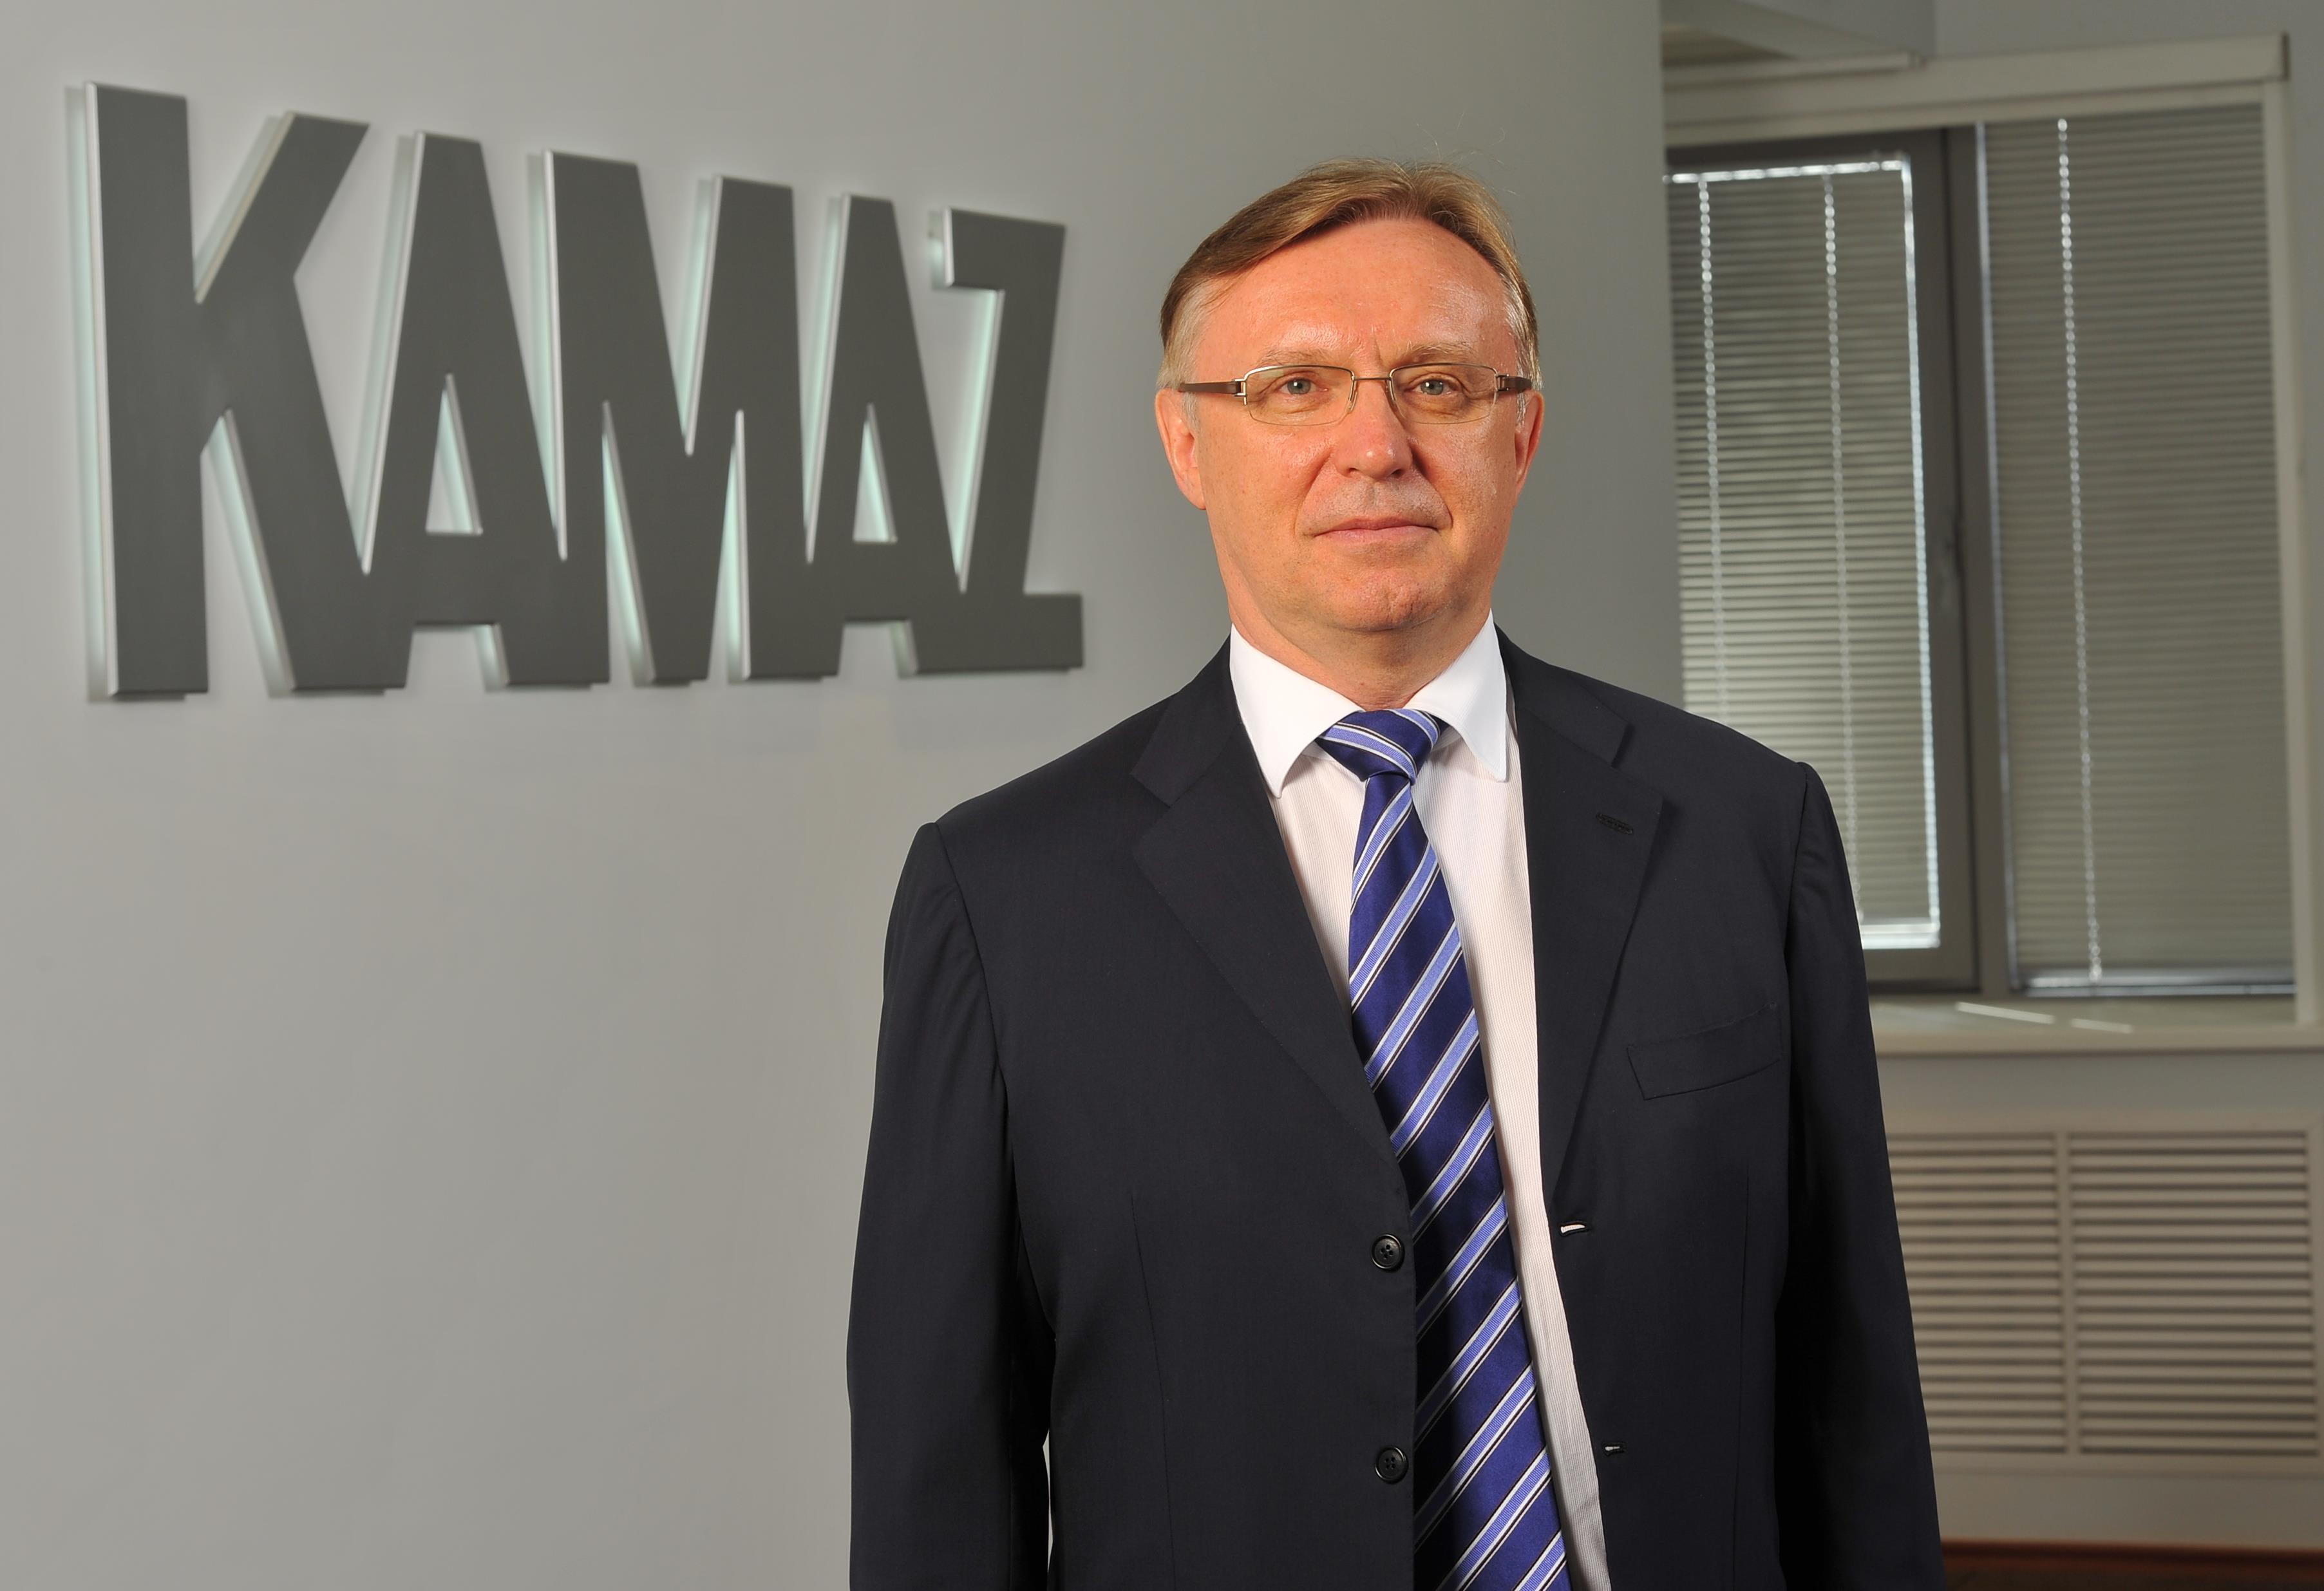 Сергей Когогин выступил на экспертном совещании по дорожно-транспортной инфраструктуре